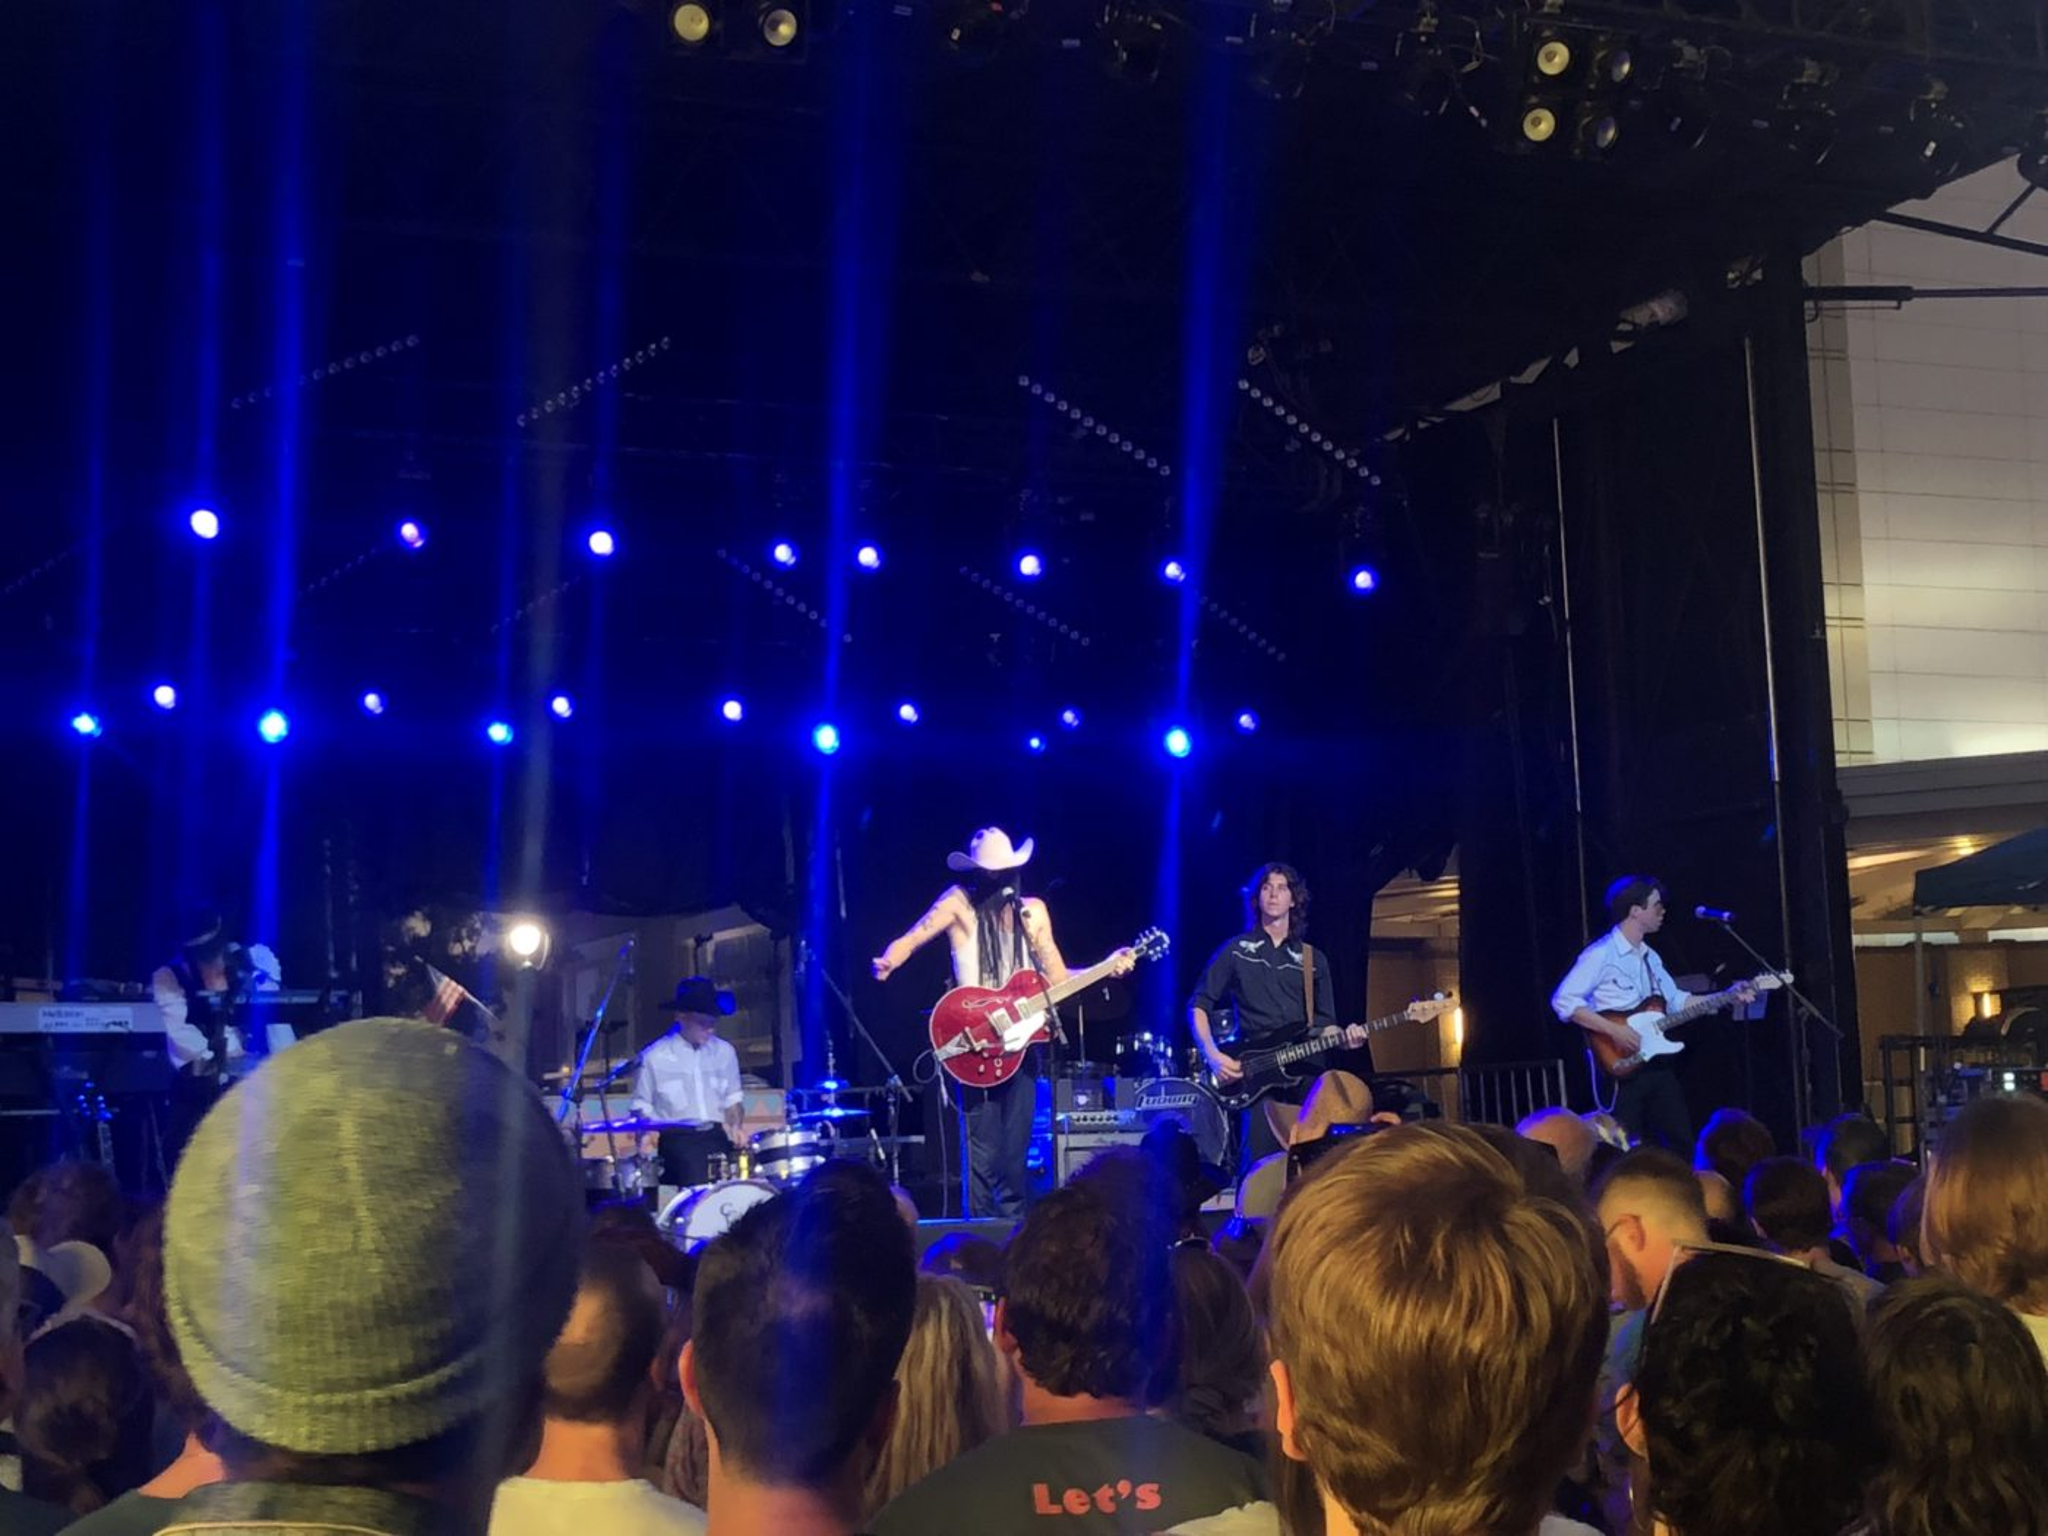 Hopscotch Music Festival 2019 (Photos + Recap) - Extra Chill